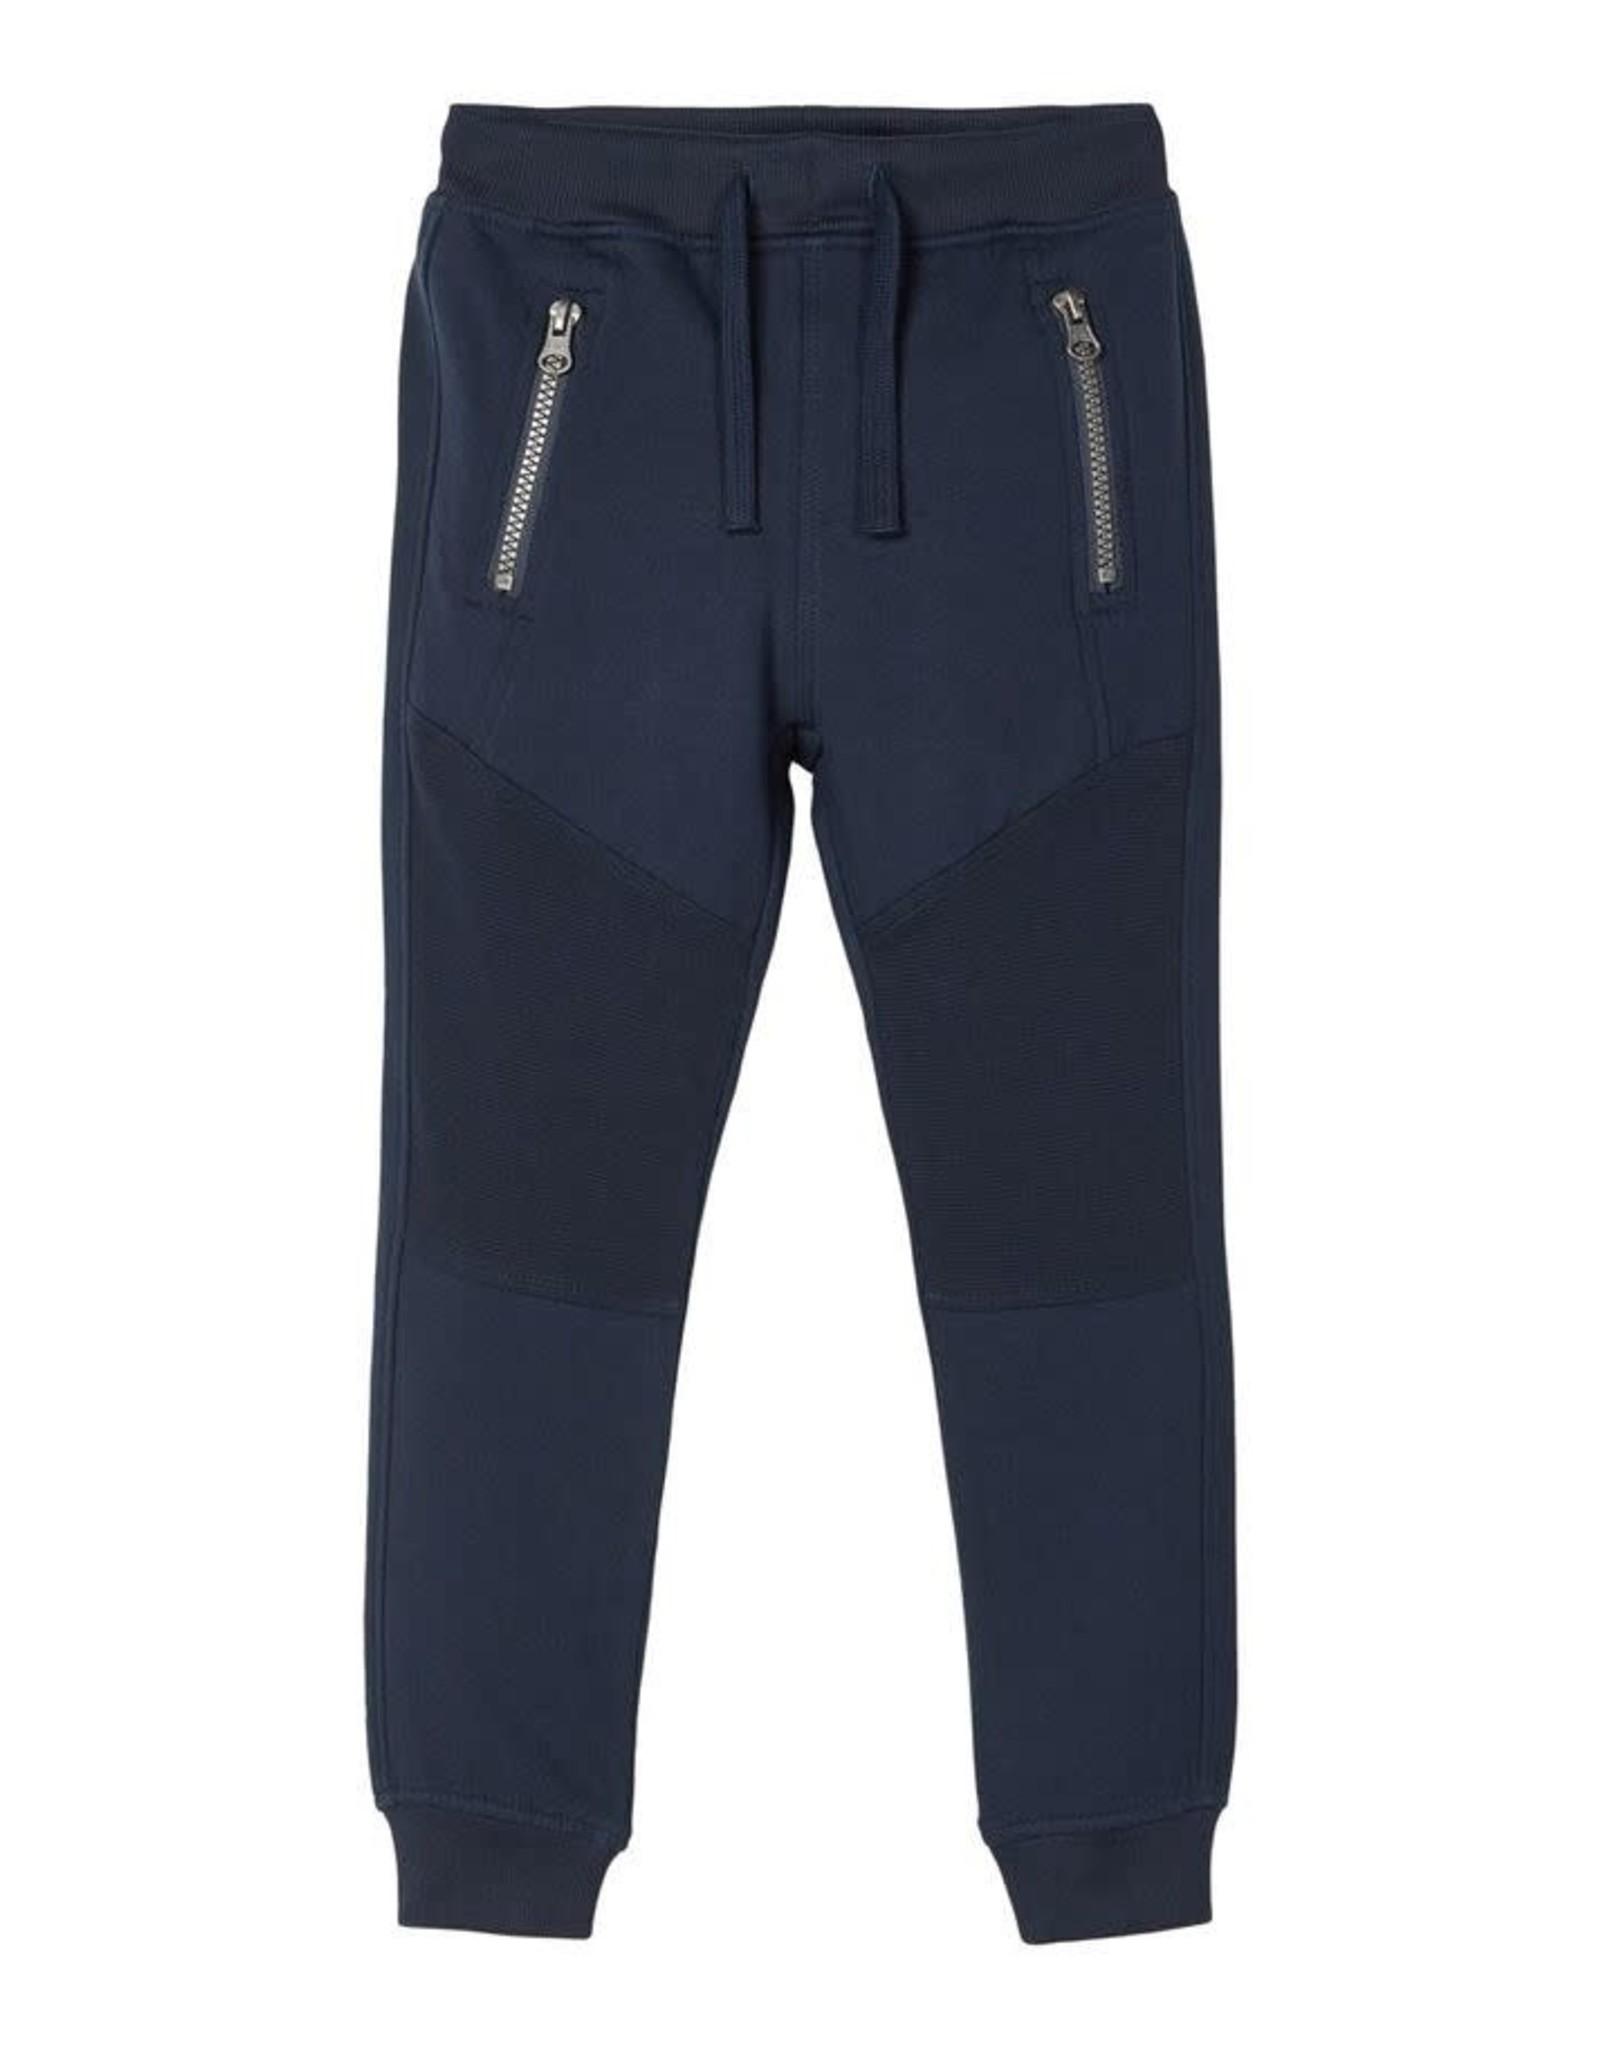 Name It Blauwe jogging broek voor de kleine jongens